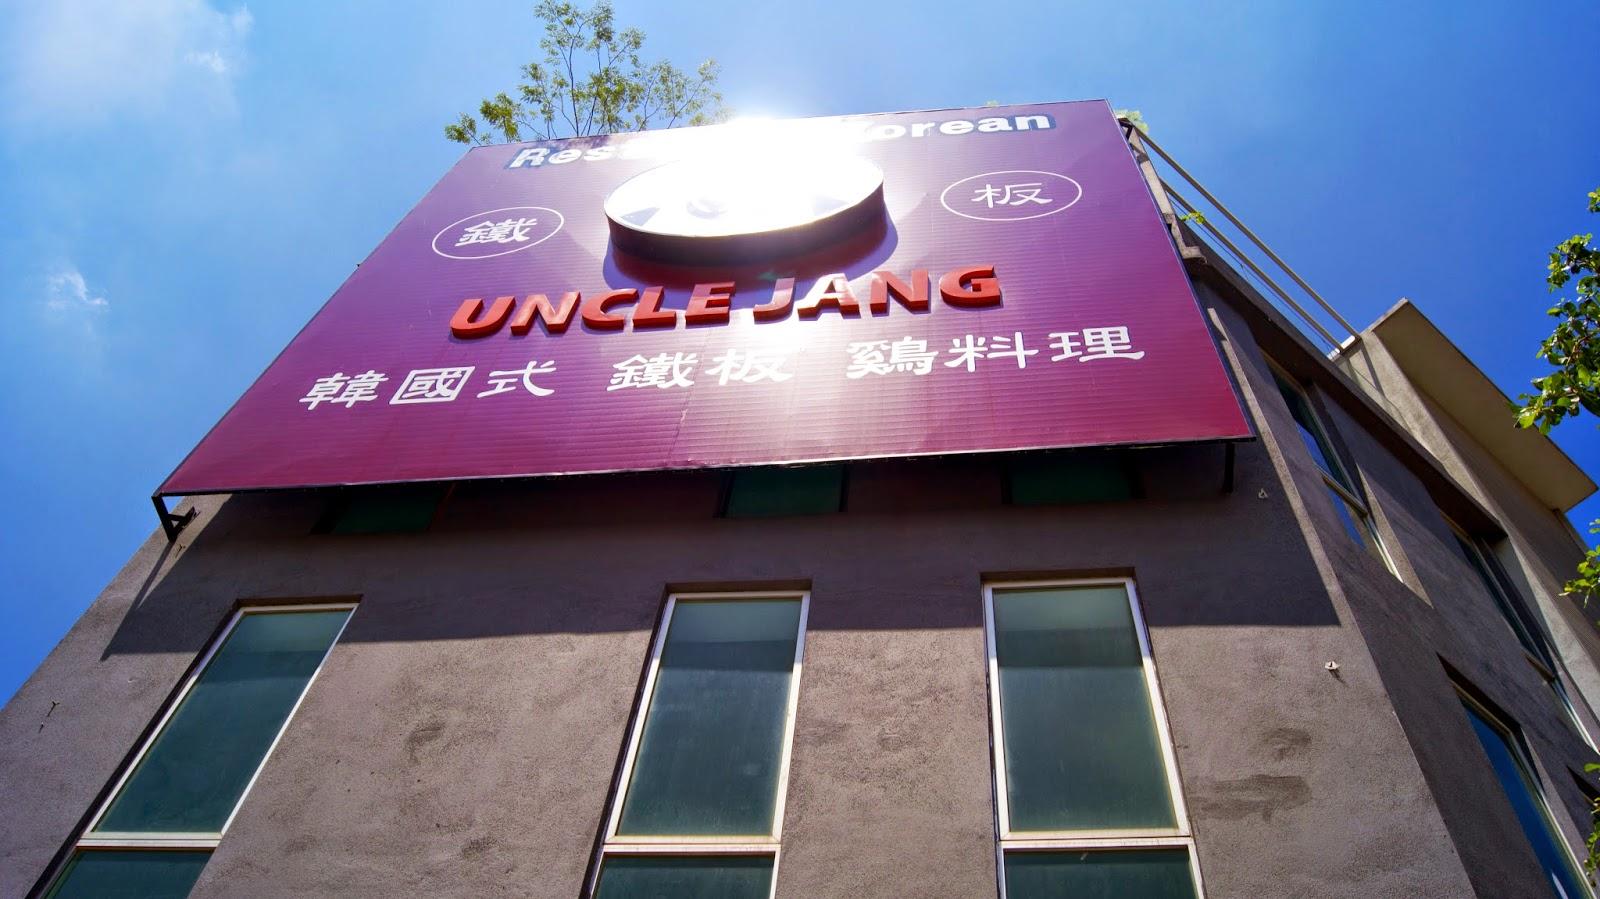 Jiaaqieats By Jia Qi Uncle Jang Garden Shoppe One City Closed